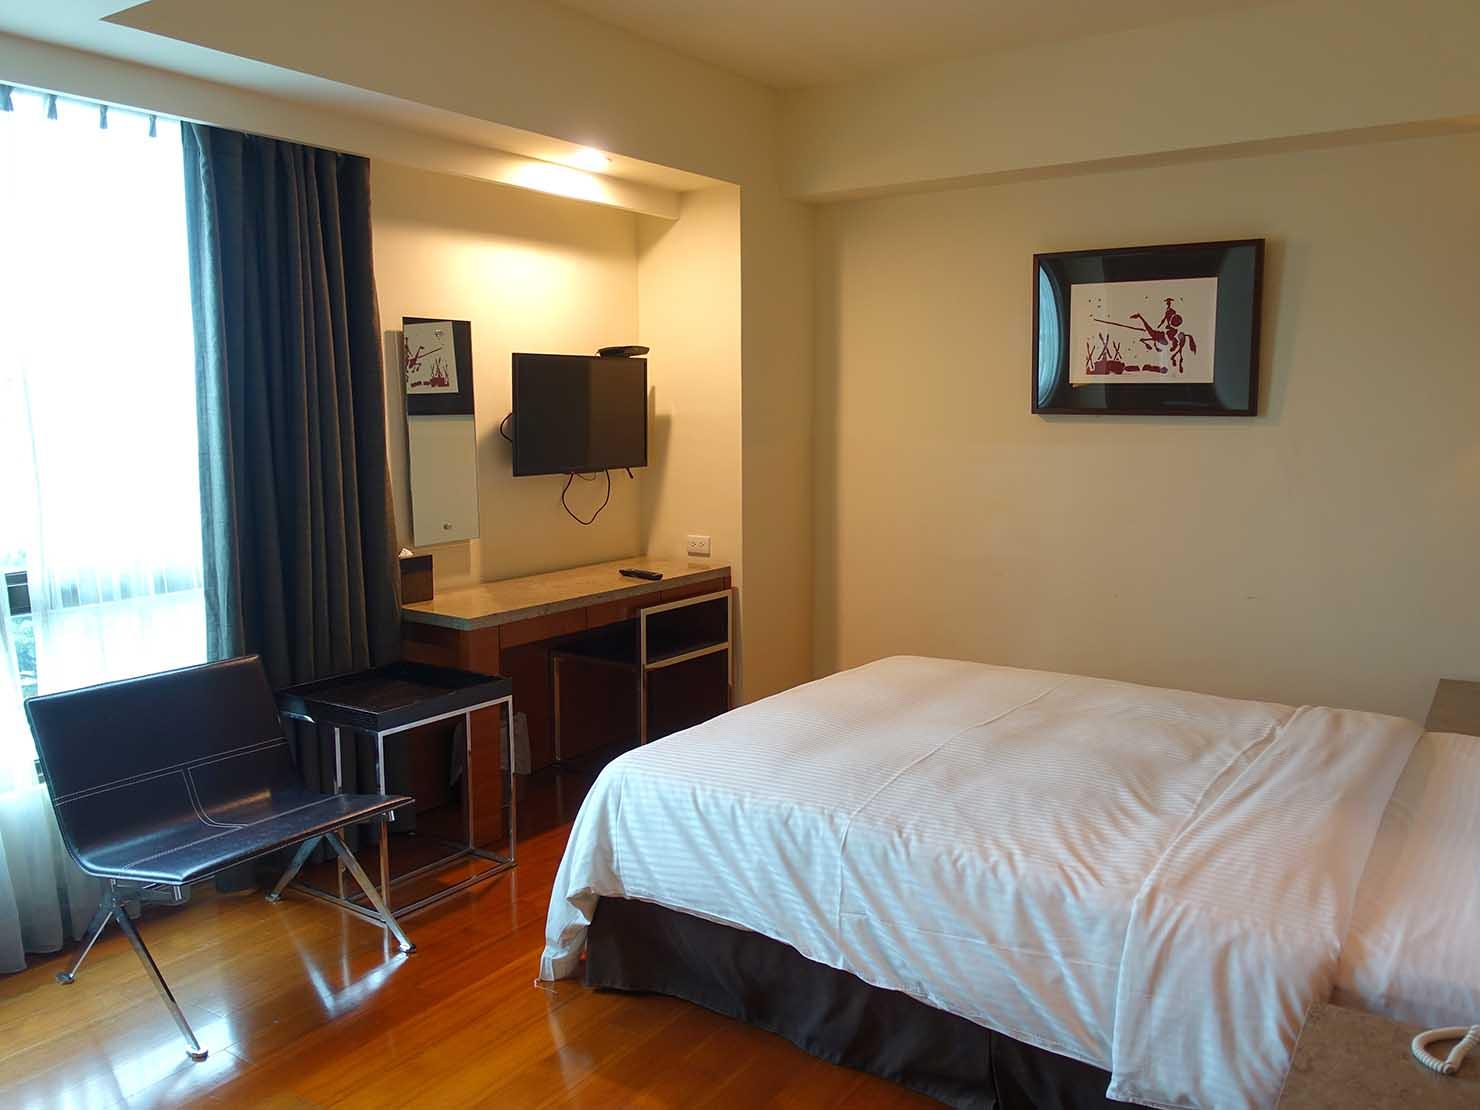 花蓮市街中心部にあるホテル「馥麗生活旅店 Quality Inn」入り口側から見るスーペリアダブル